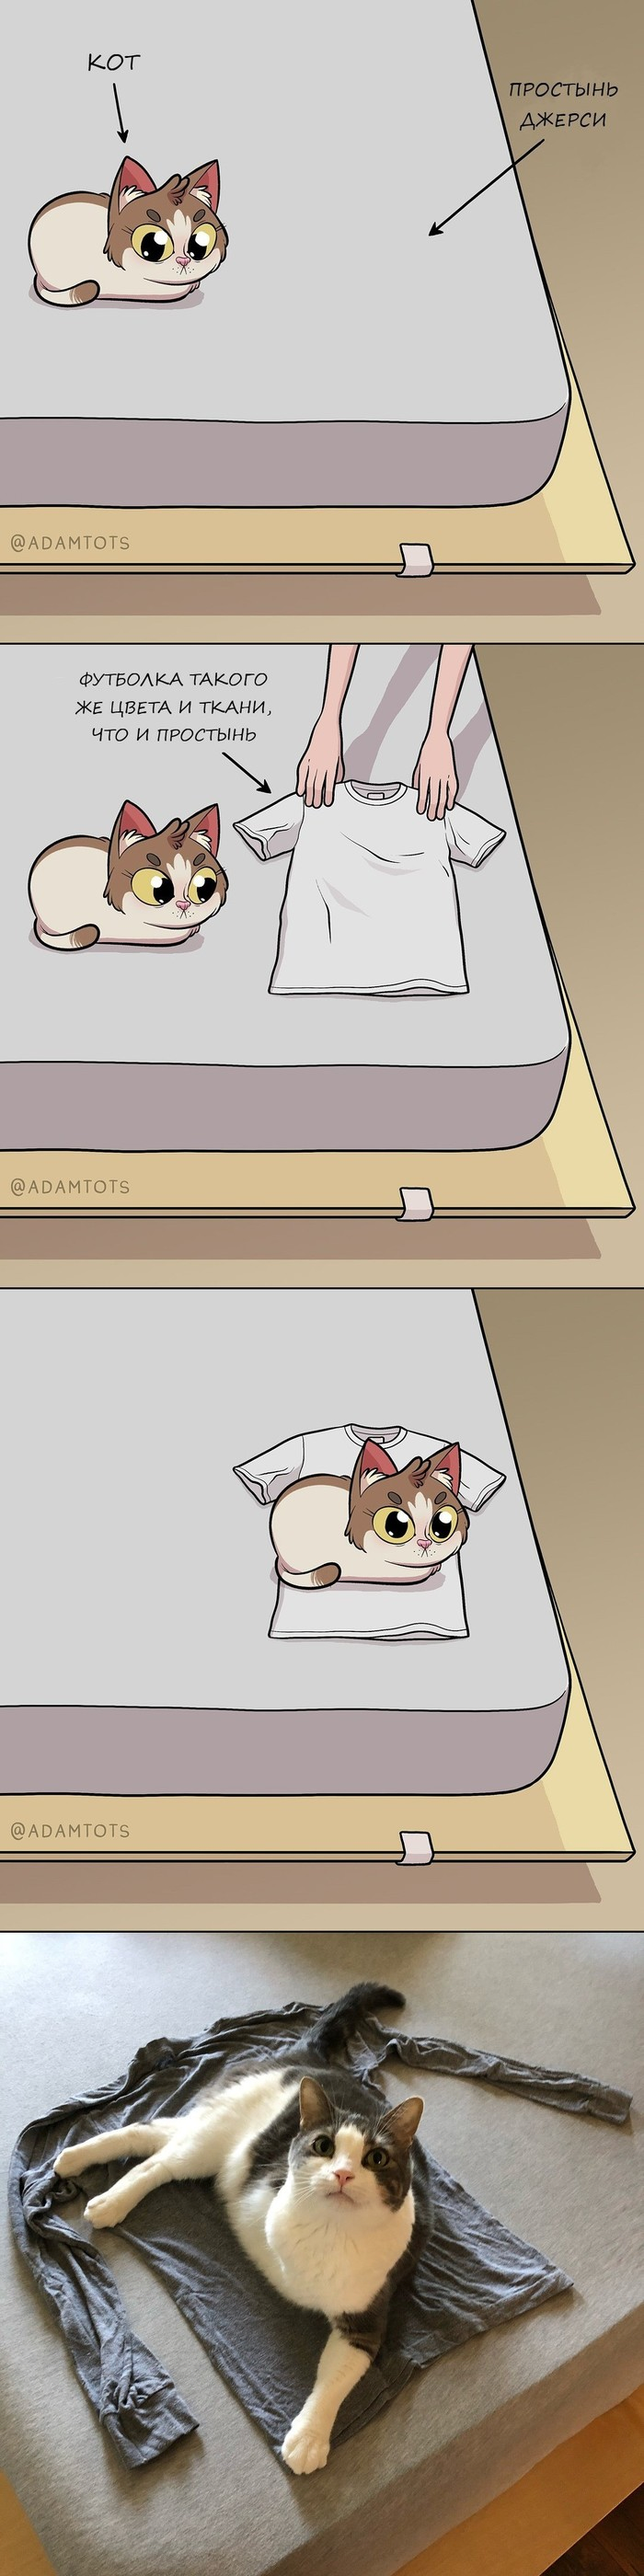 Почему? Adam Ellis, кот, логика, Комиксы, перевод, футболка, длиннопост